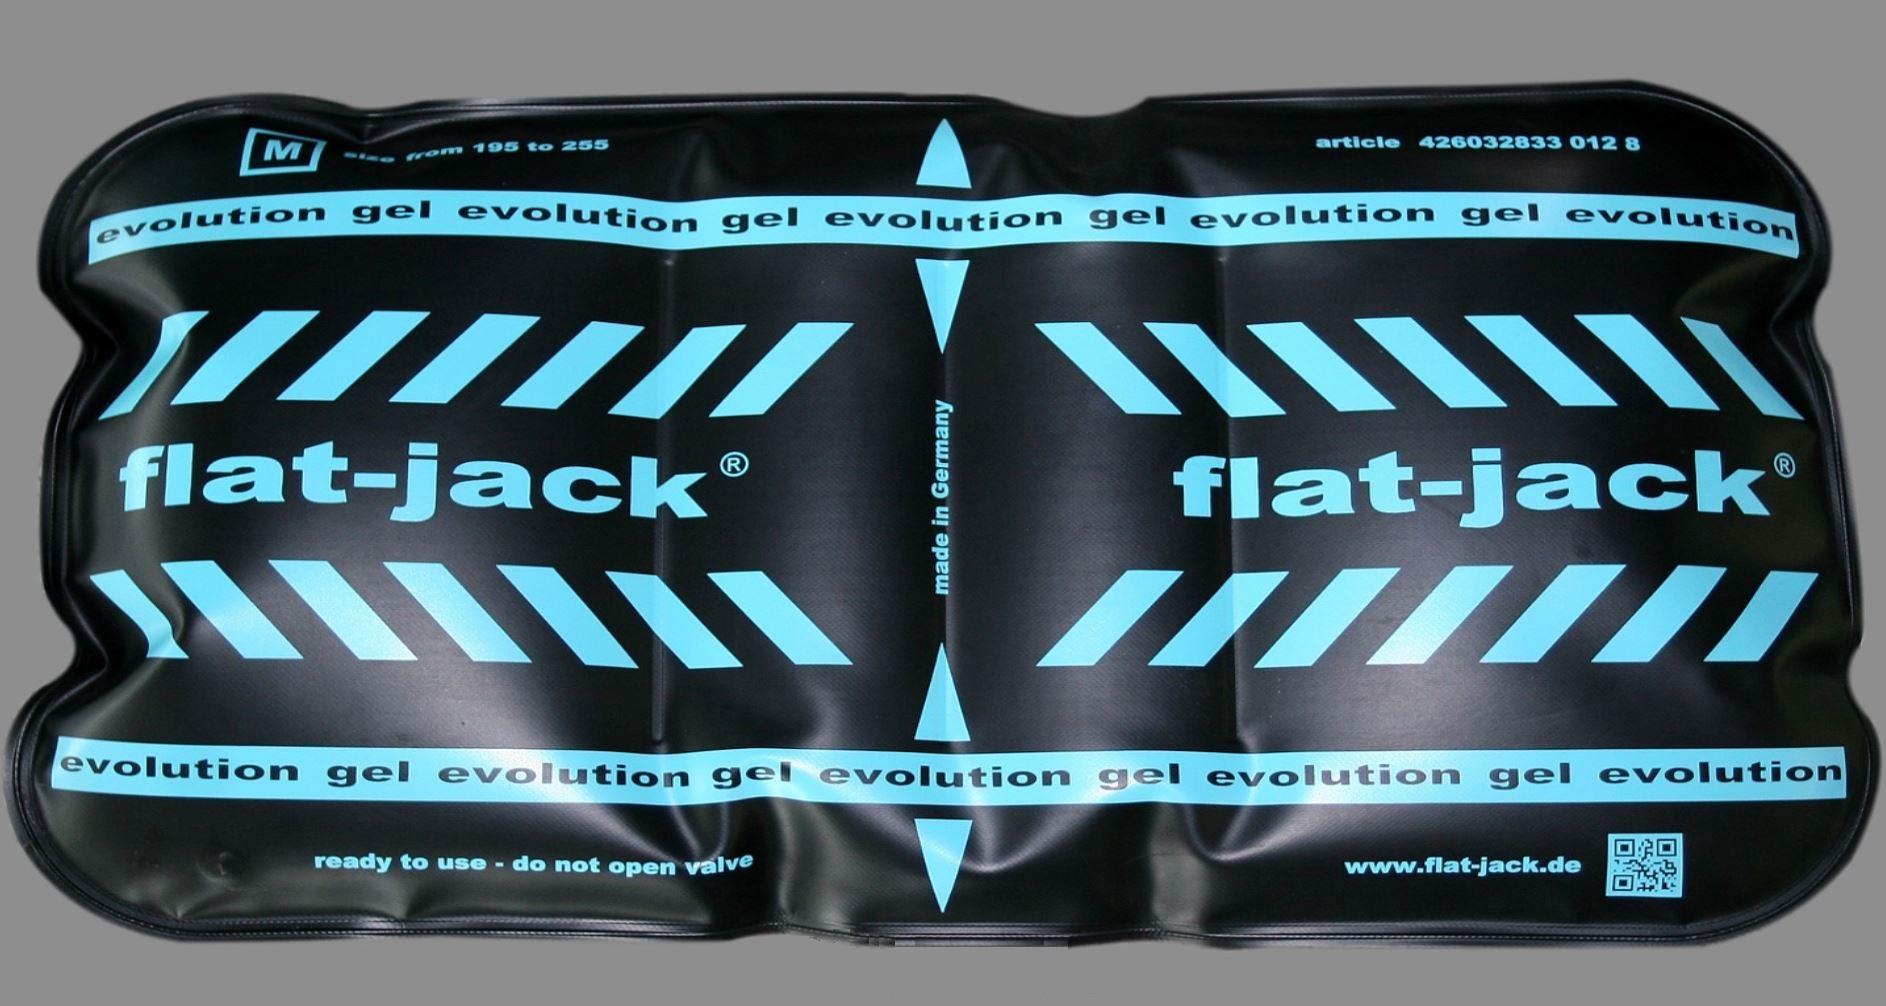 Reifenkissen evolution gel von Flat-Jack